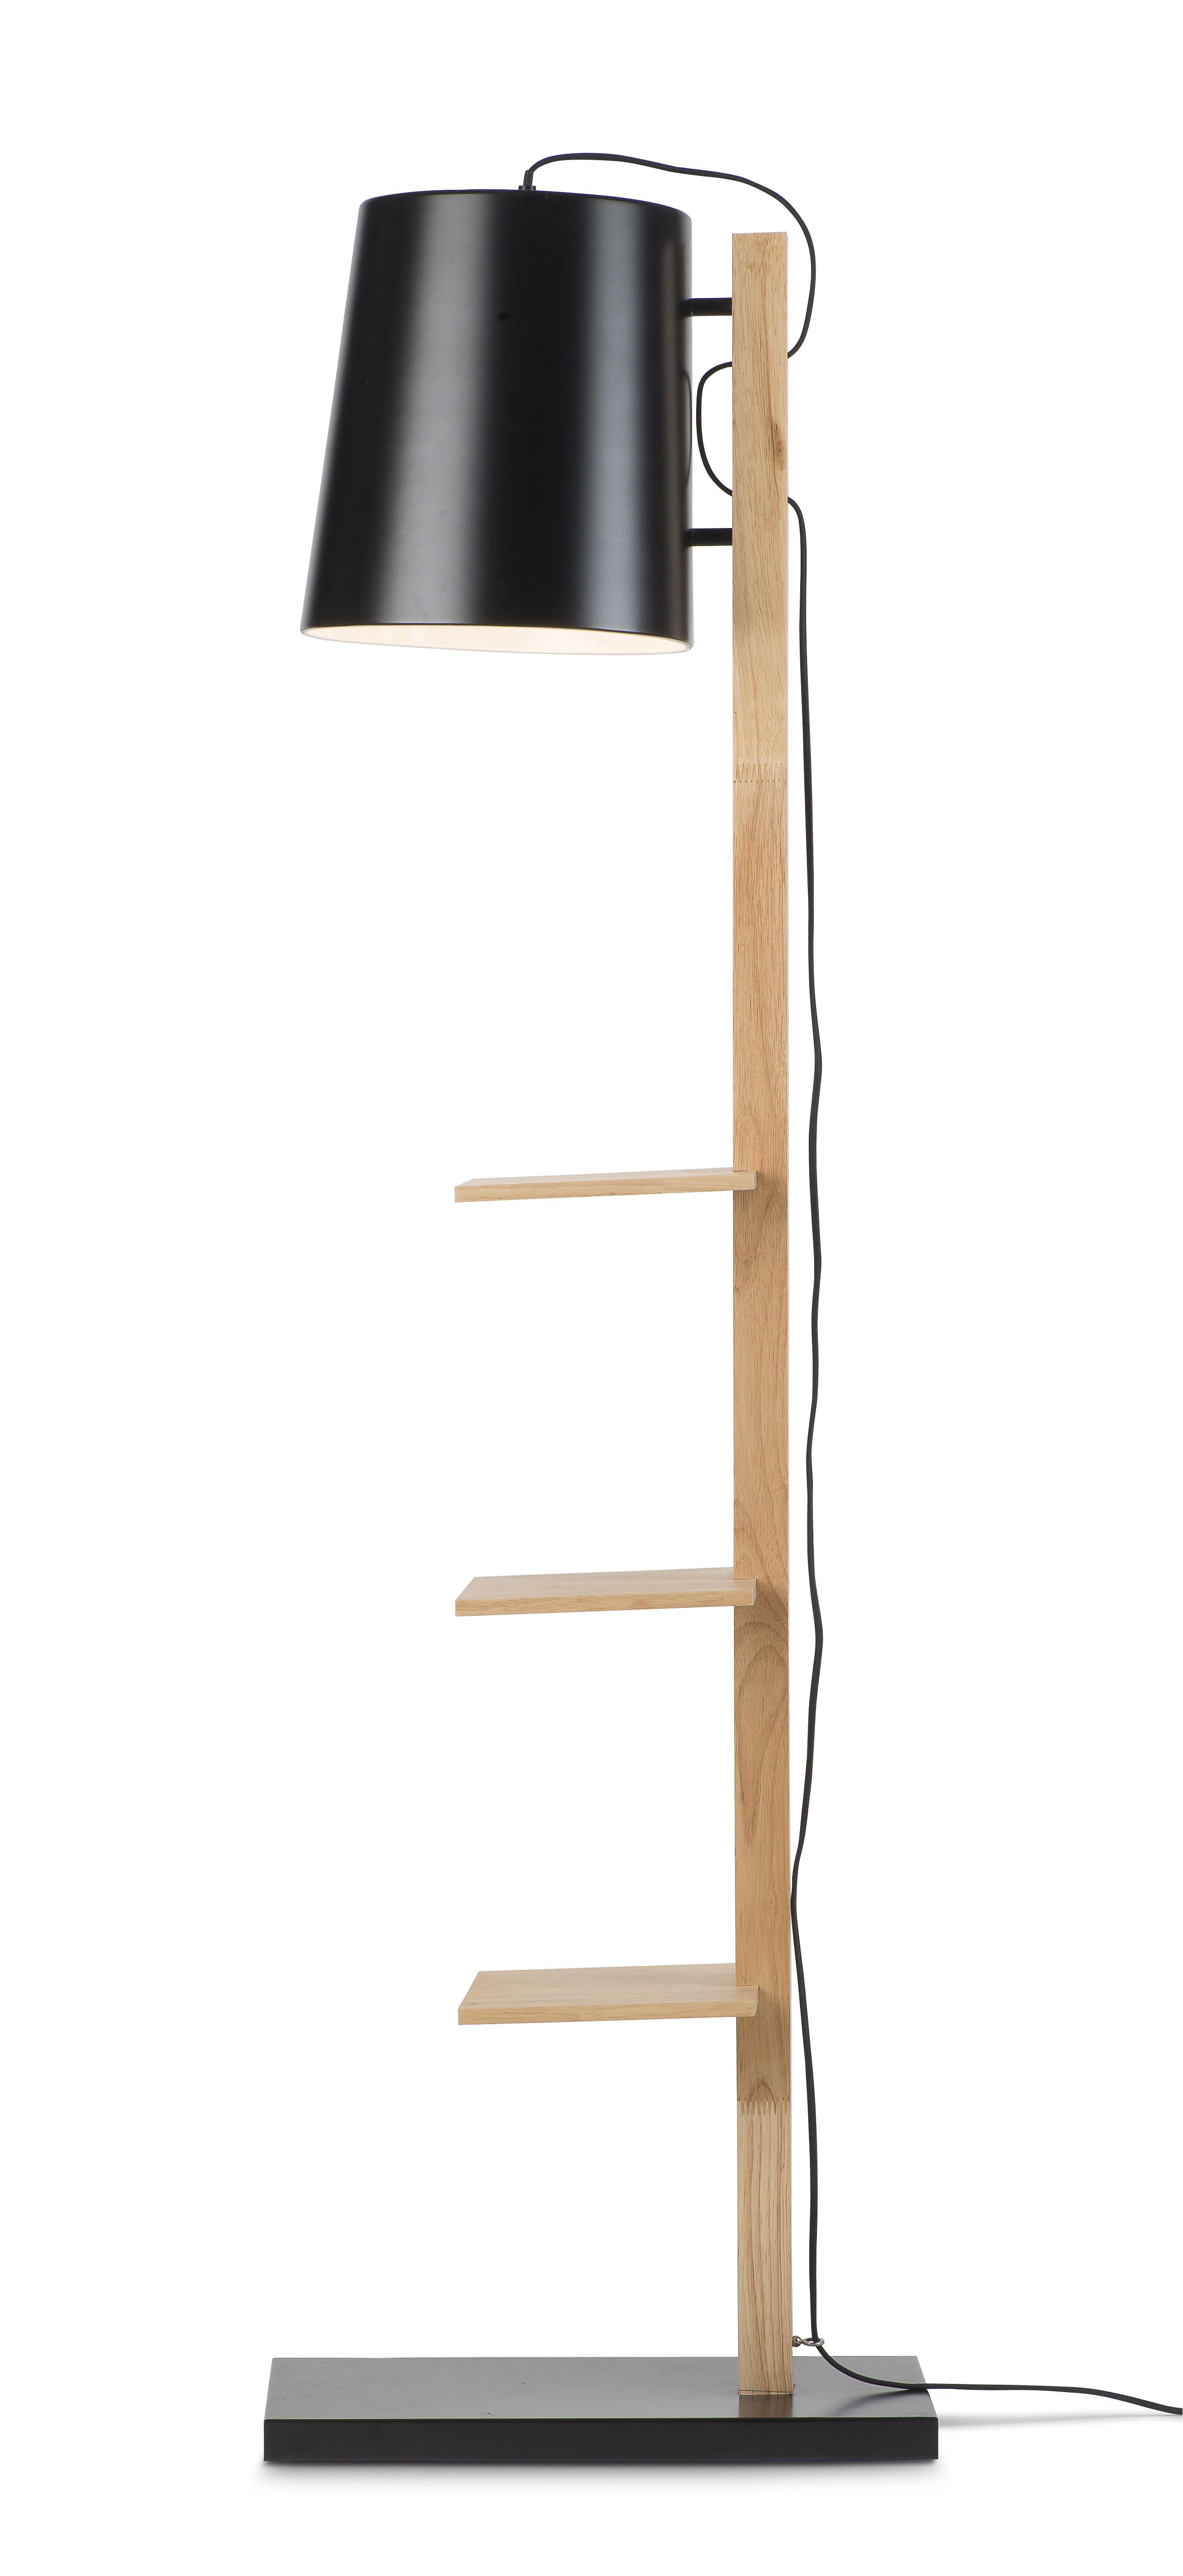 Arredamento - Scaffali e librerie - Mobile contenitore Cambridge - / con 3 mensole - H 168 cm di It's about Romi - Nero / Legno naturale - Ferro, Legno